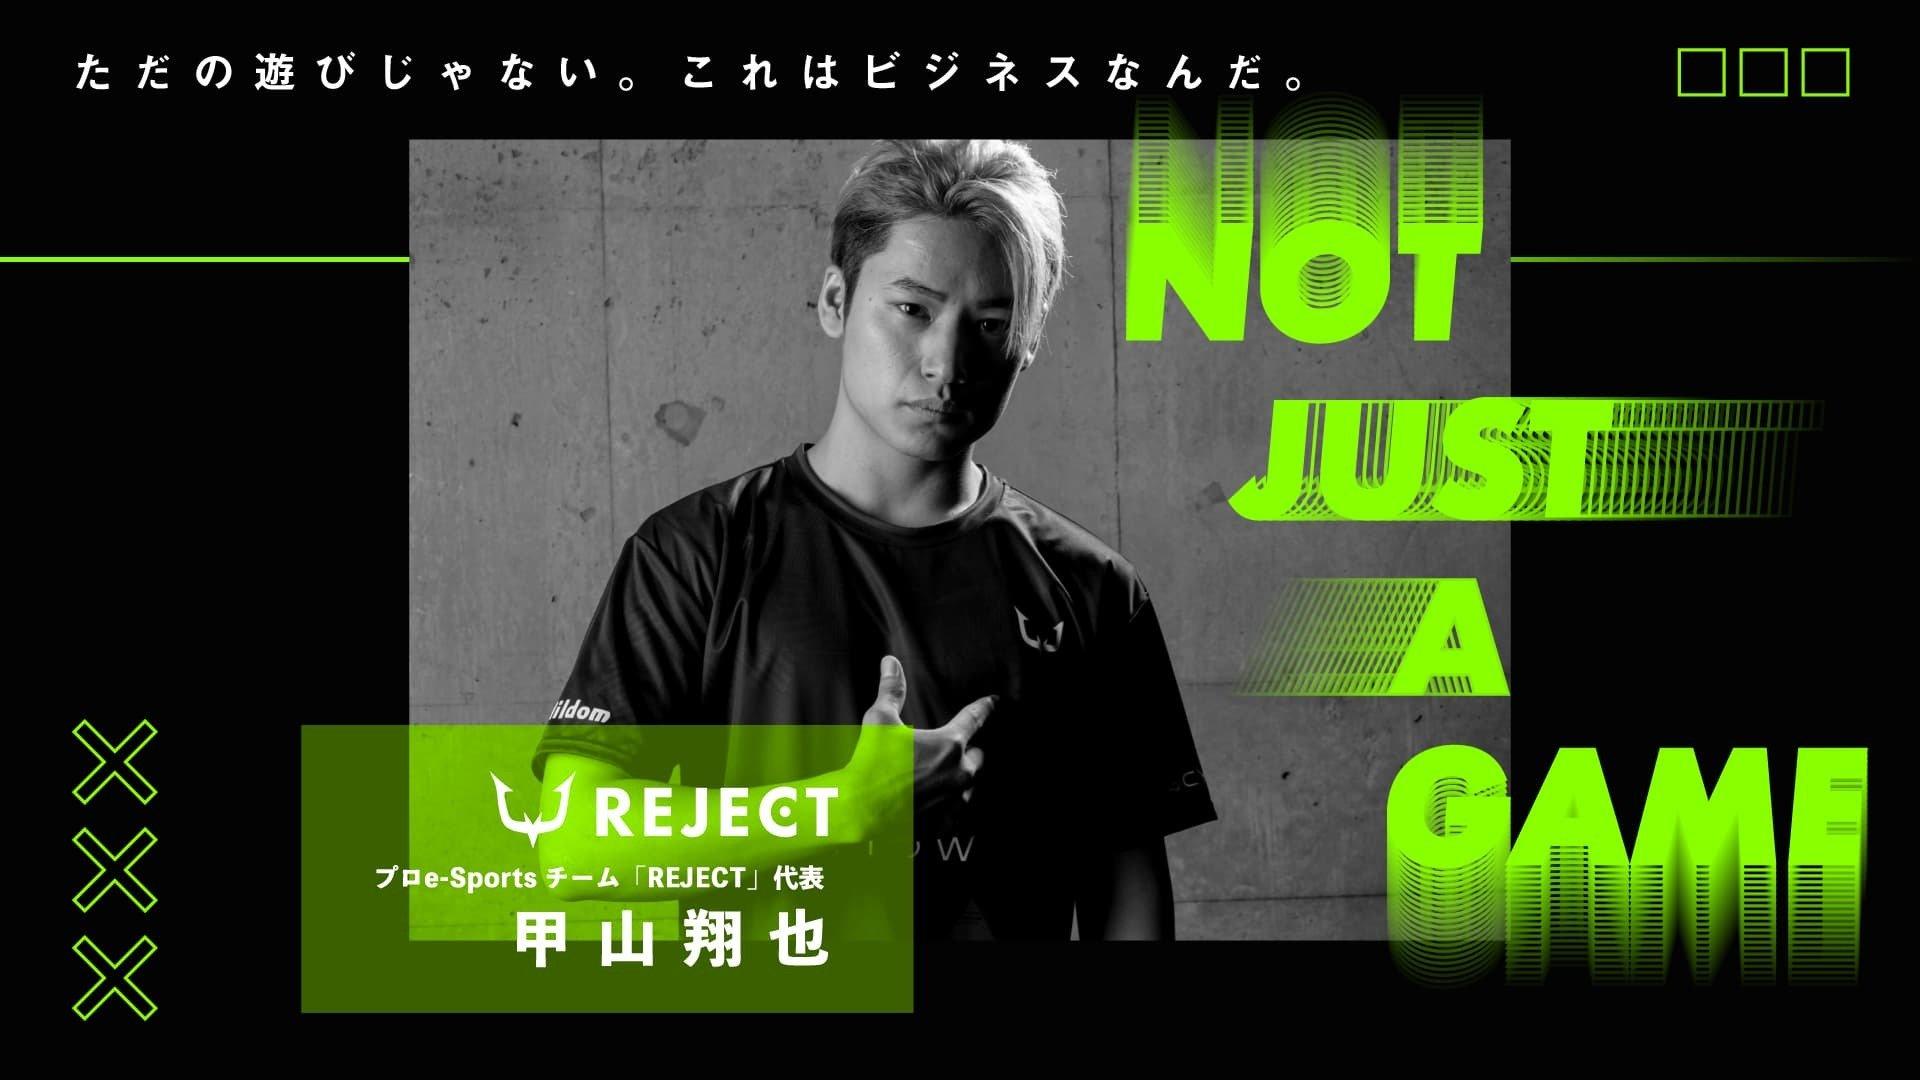 大学生オーナーが年俸1000万円を選手に払う理由 無双中のe-Sportsチーム「REJECT」インタビュー